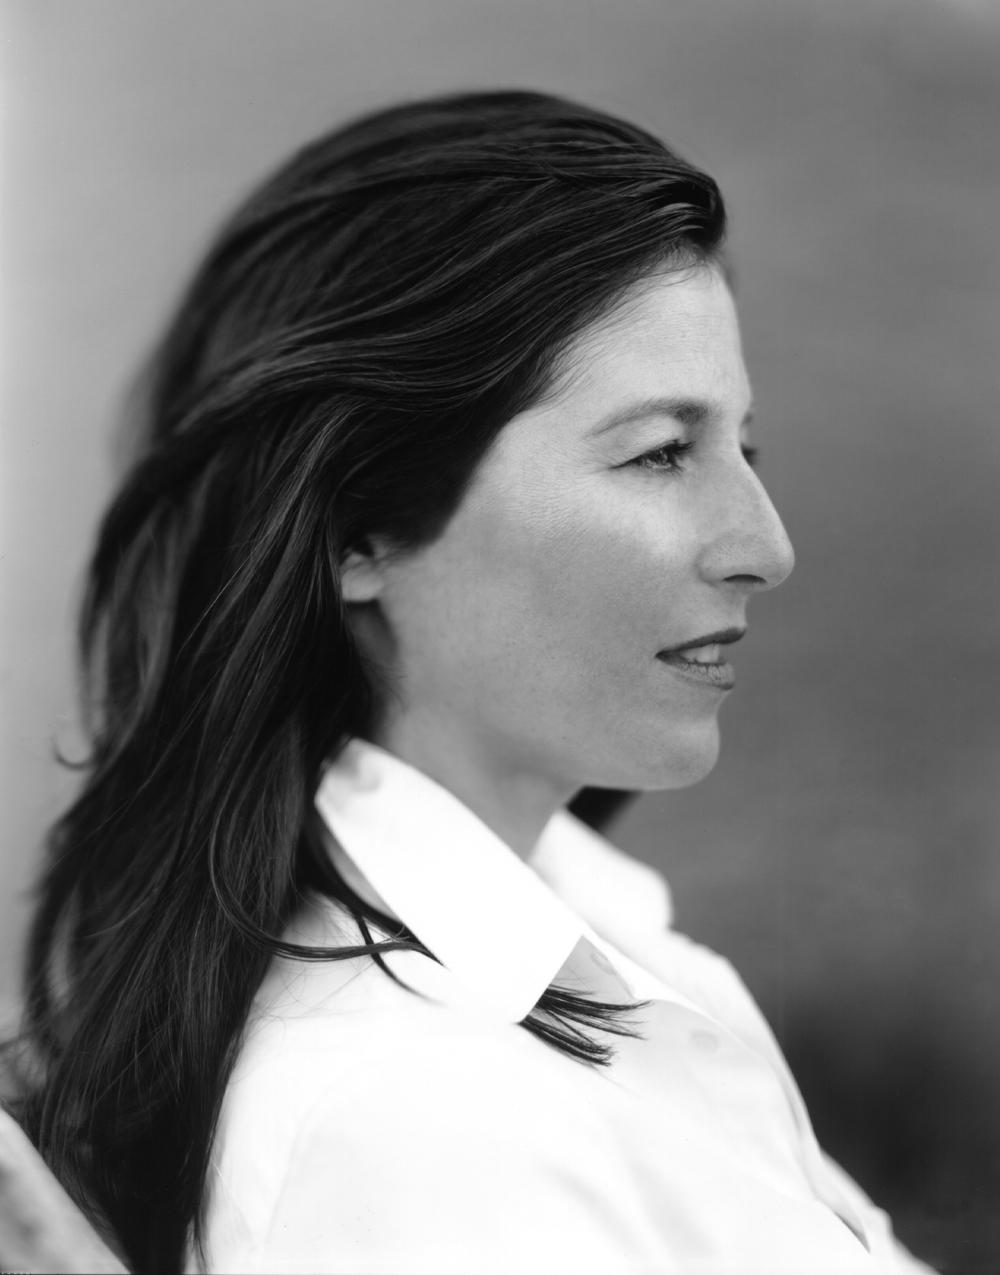 Catherine Keener by Patrik Andersson